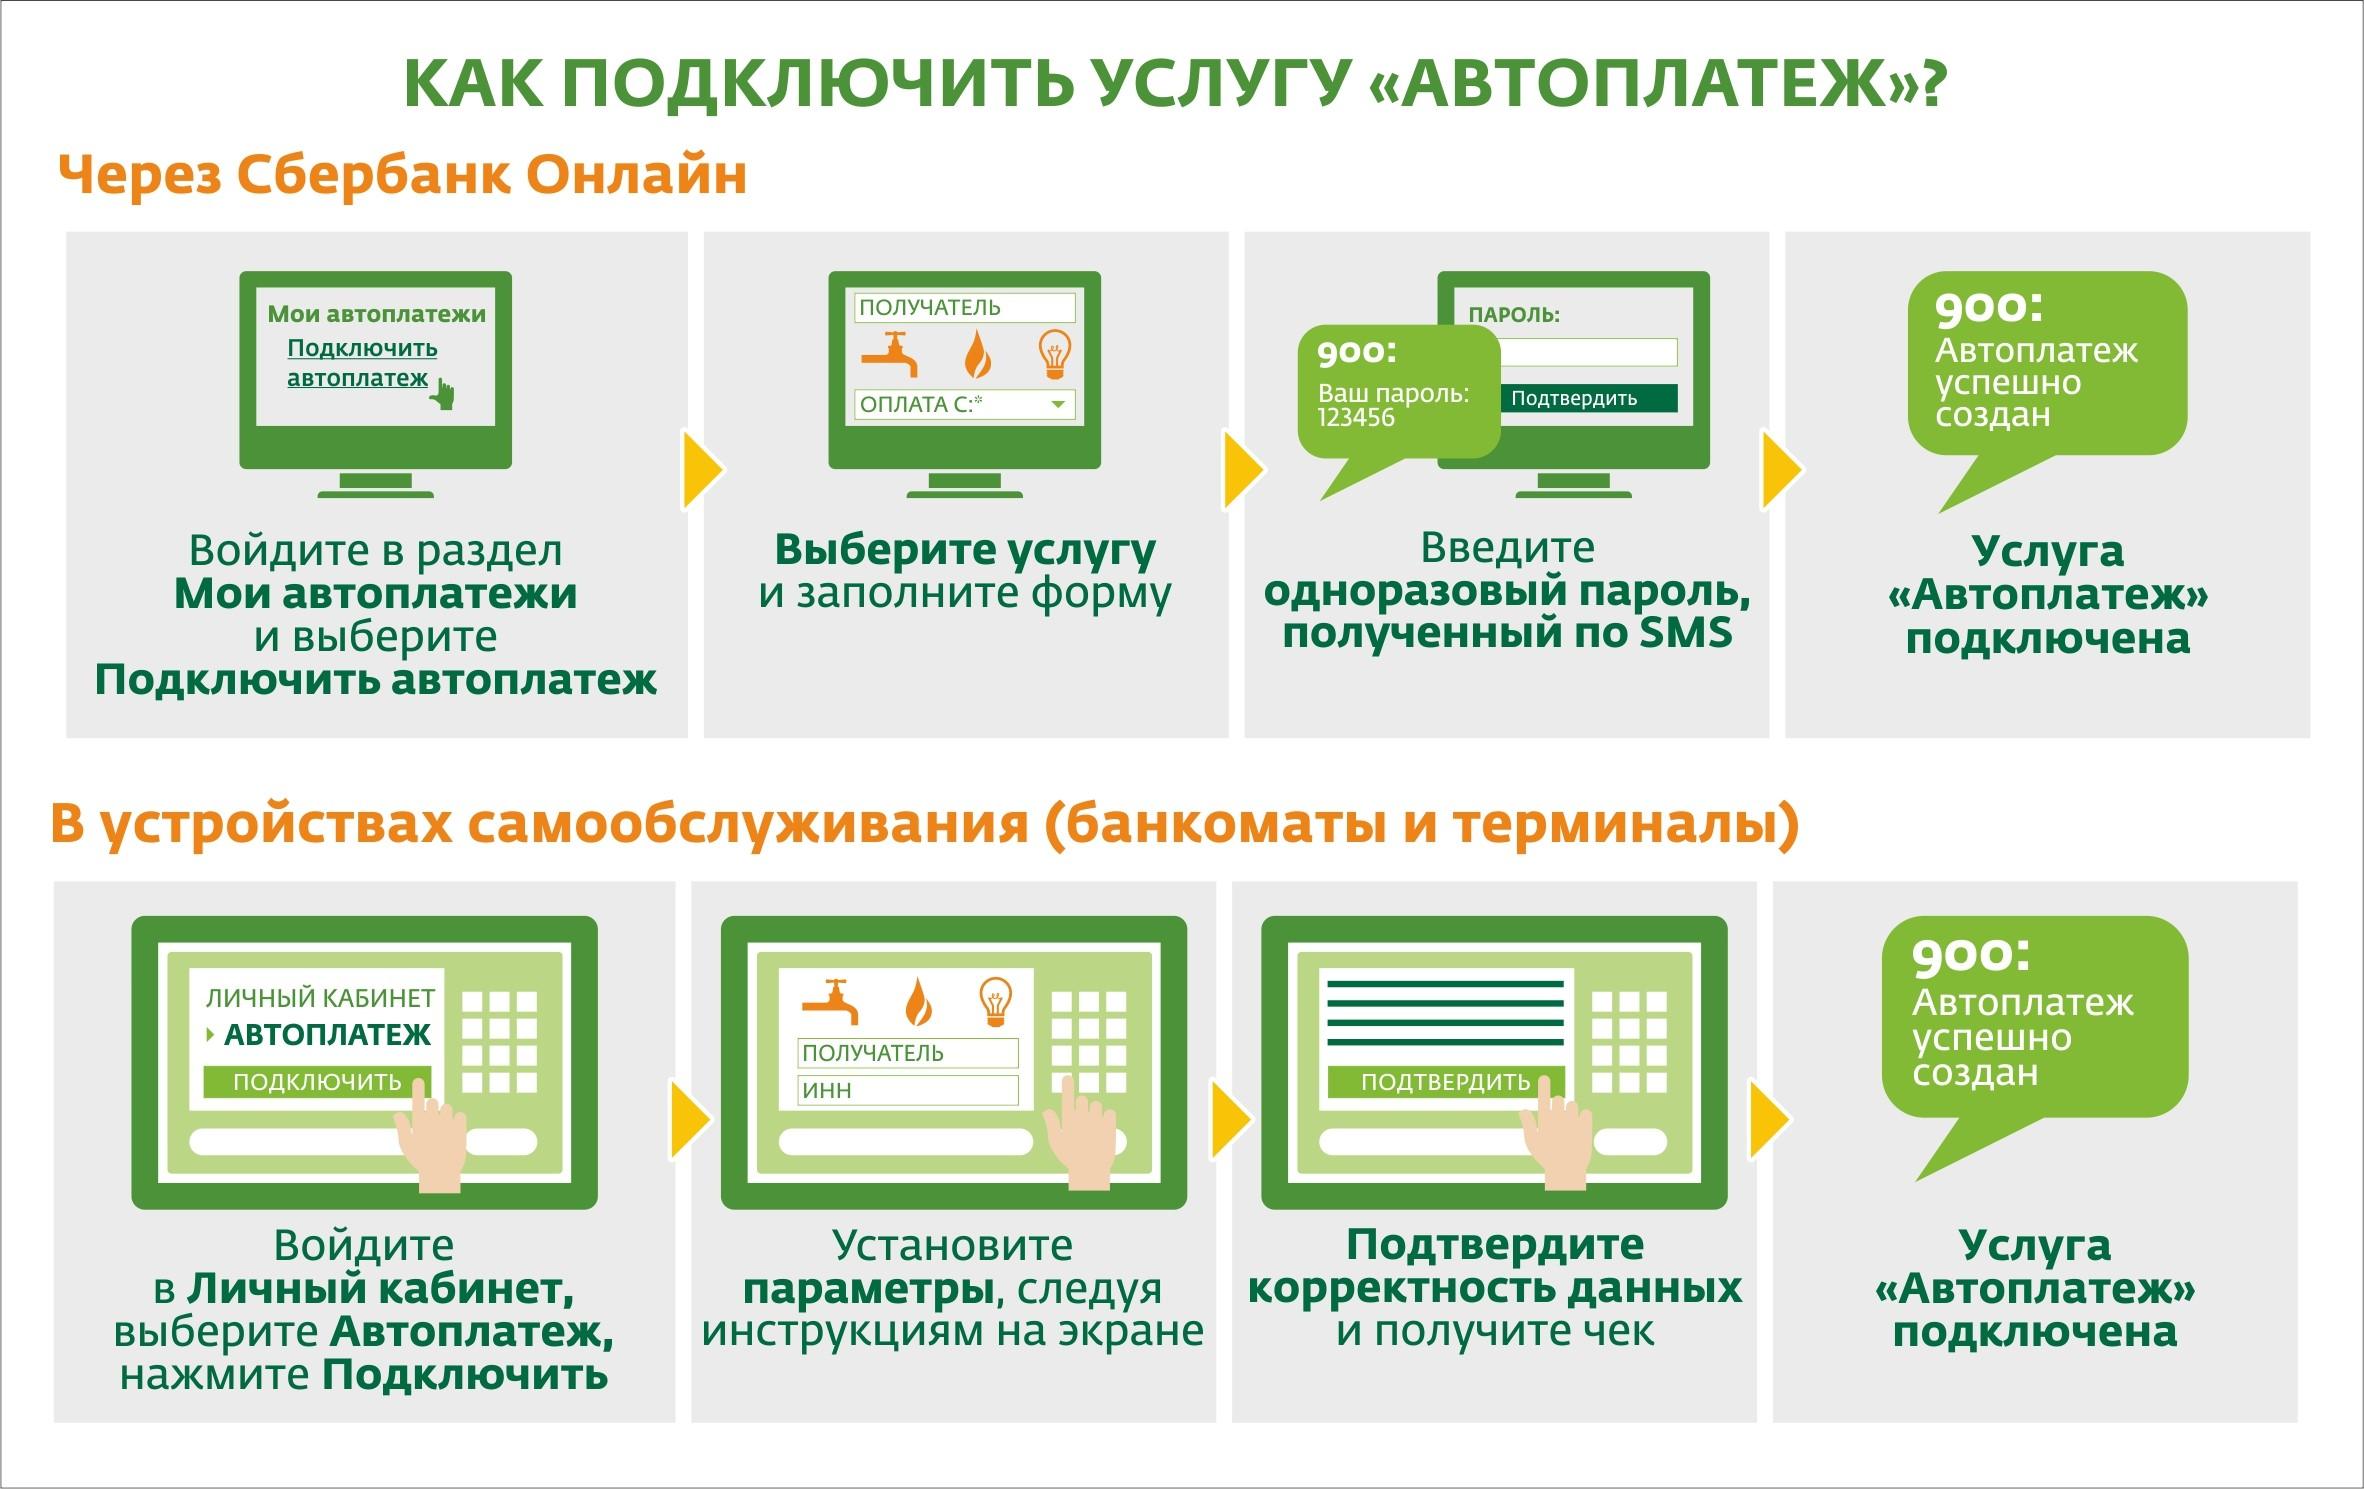 Енисейский объединенный банк кредит онлайн